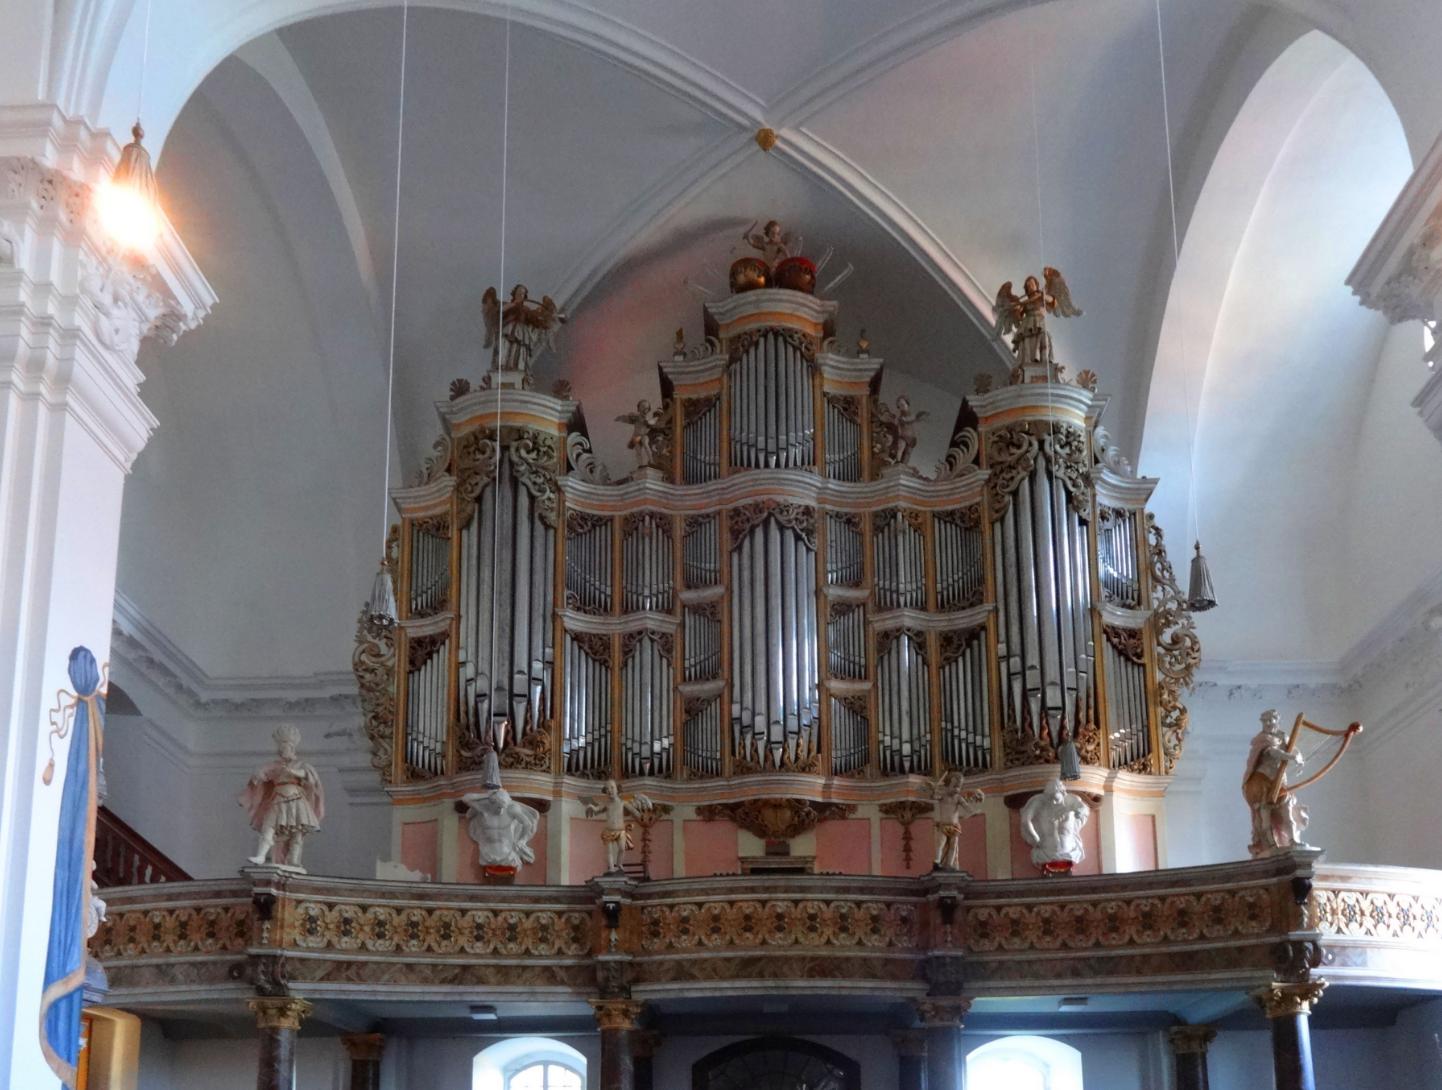 Die Treutmann-Orgel in der Stiftskirche St. Georg in Grauhof bei Goslar mit 42 Registern und rund 2 500 Pfeifen auf drei Manualen und dem Pedal erweist sich heute wieder besonders geeignet für die Interpretation des umfangreichen kompositorischen Werkes von Johann Sebastian Bach. Der große Leipziger Thomas-Kantor liebte vor allem die ihm aus seiner thüringischen Heimat vertrauten Streicher-Register. Bach-Interpreten, die den Klangvorstellungen des Meisters nahe kommen wollen, schätzen daher die Grauhofer Orgel besonders.